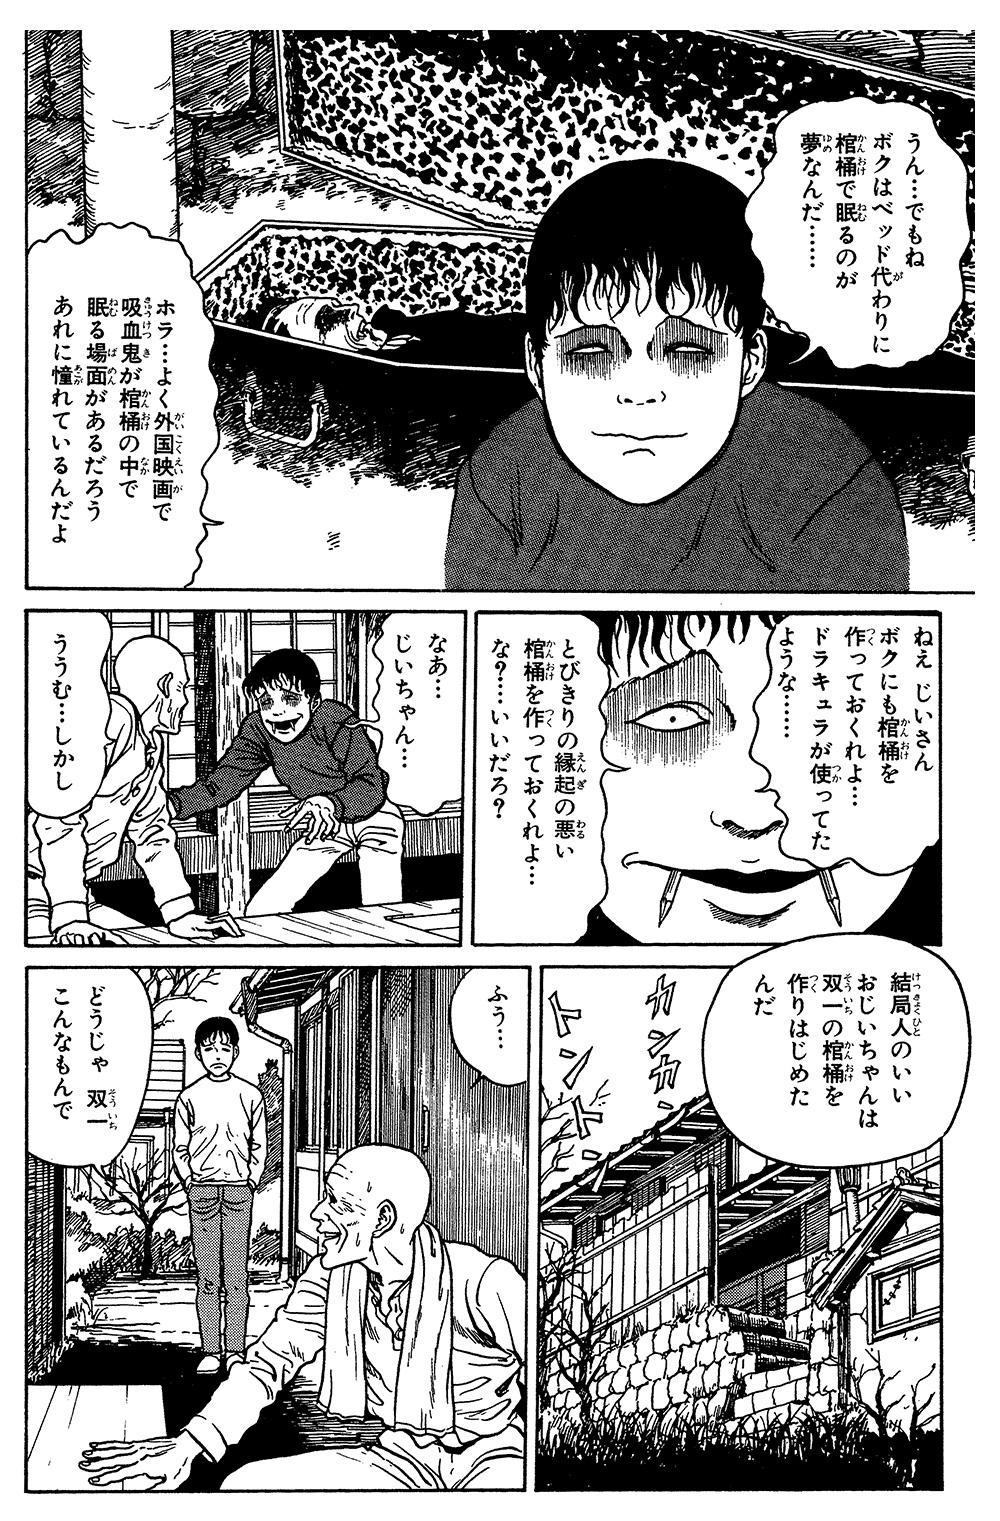 伊藤潤二傑作集「棺桶」①kanoke01-12.jpg